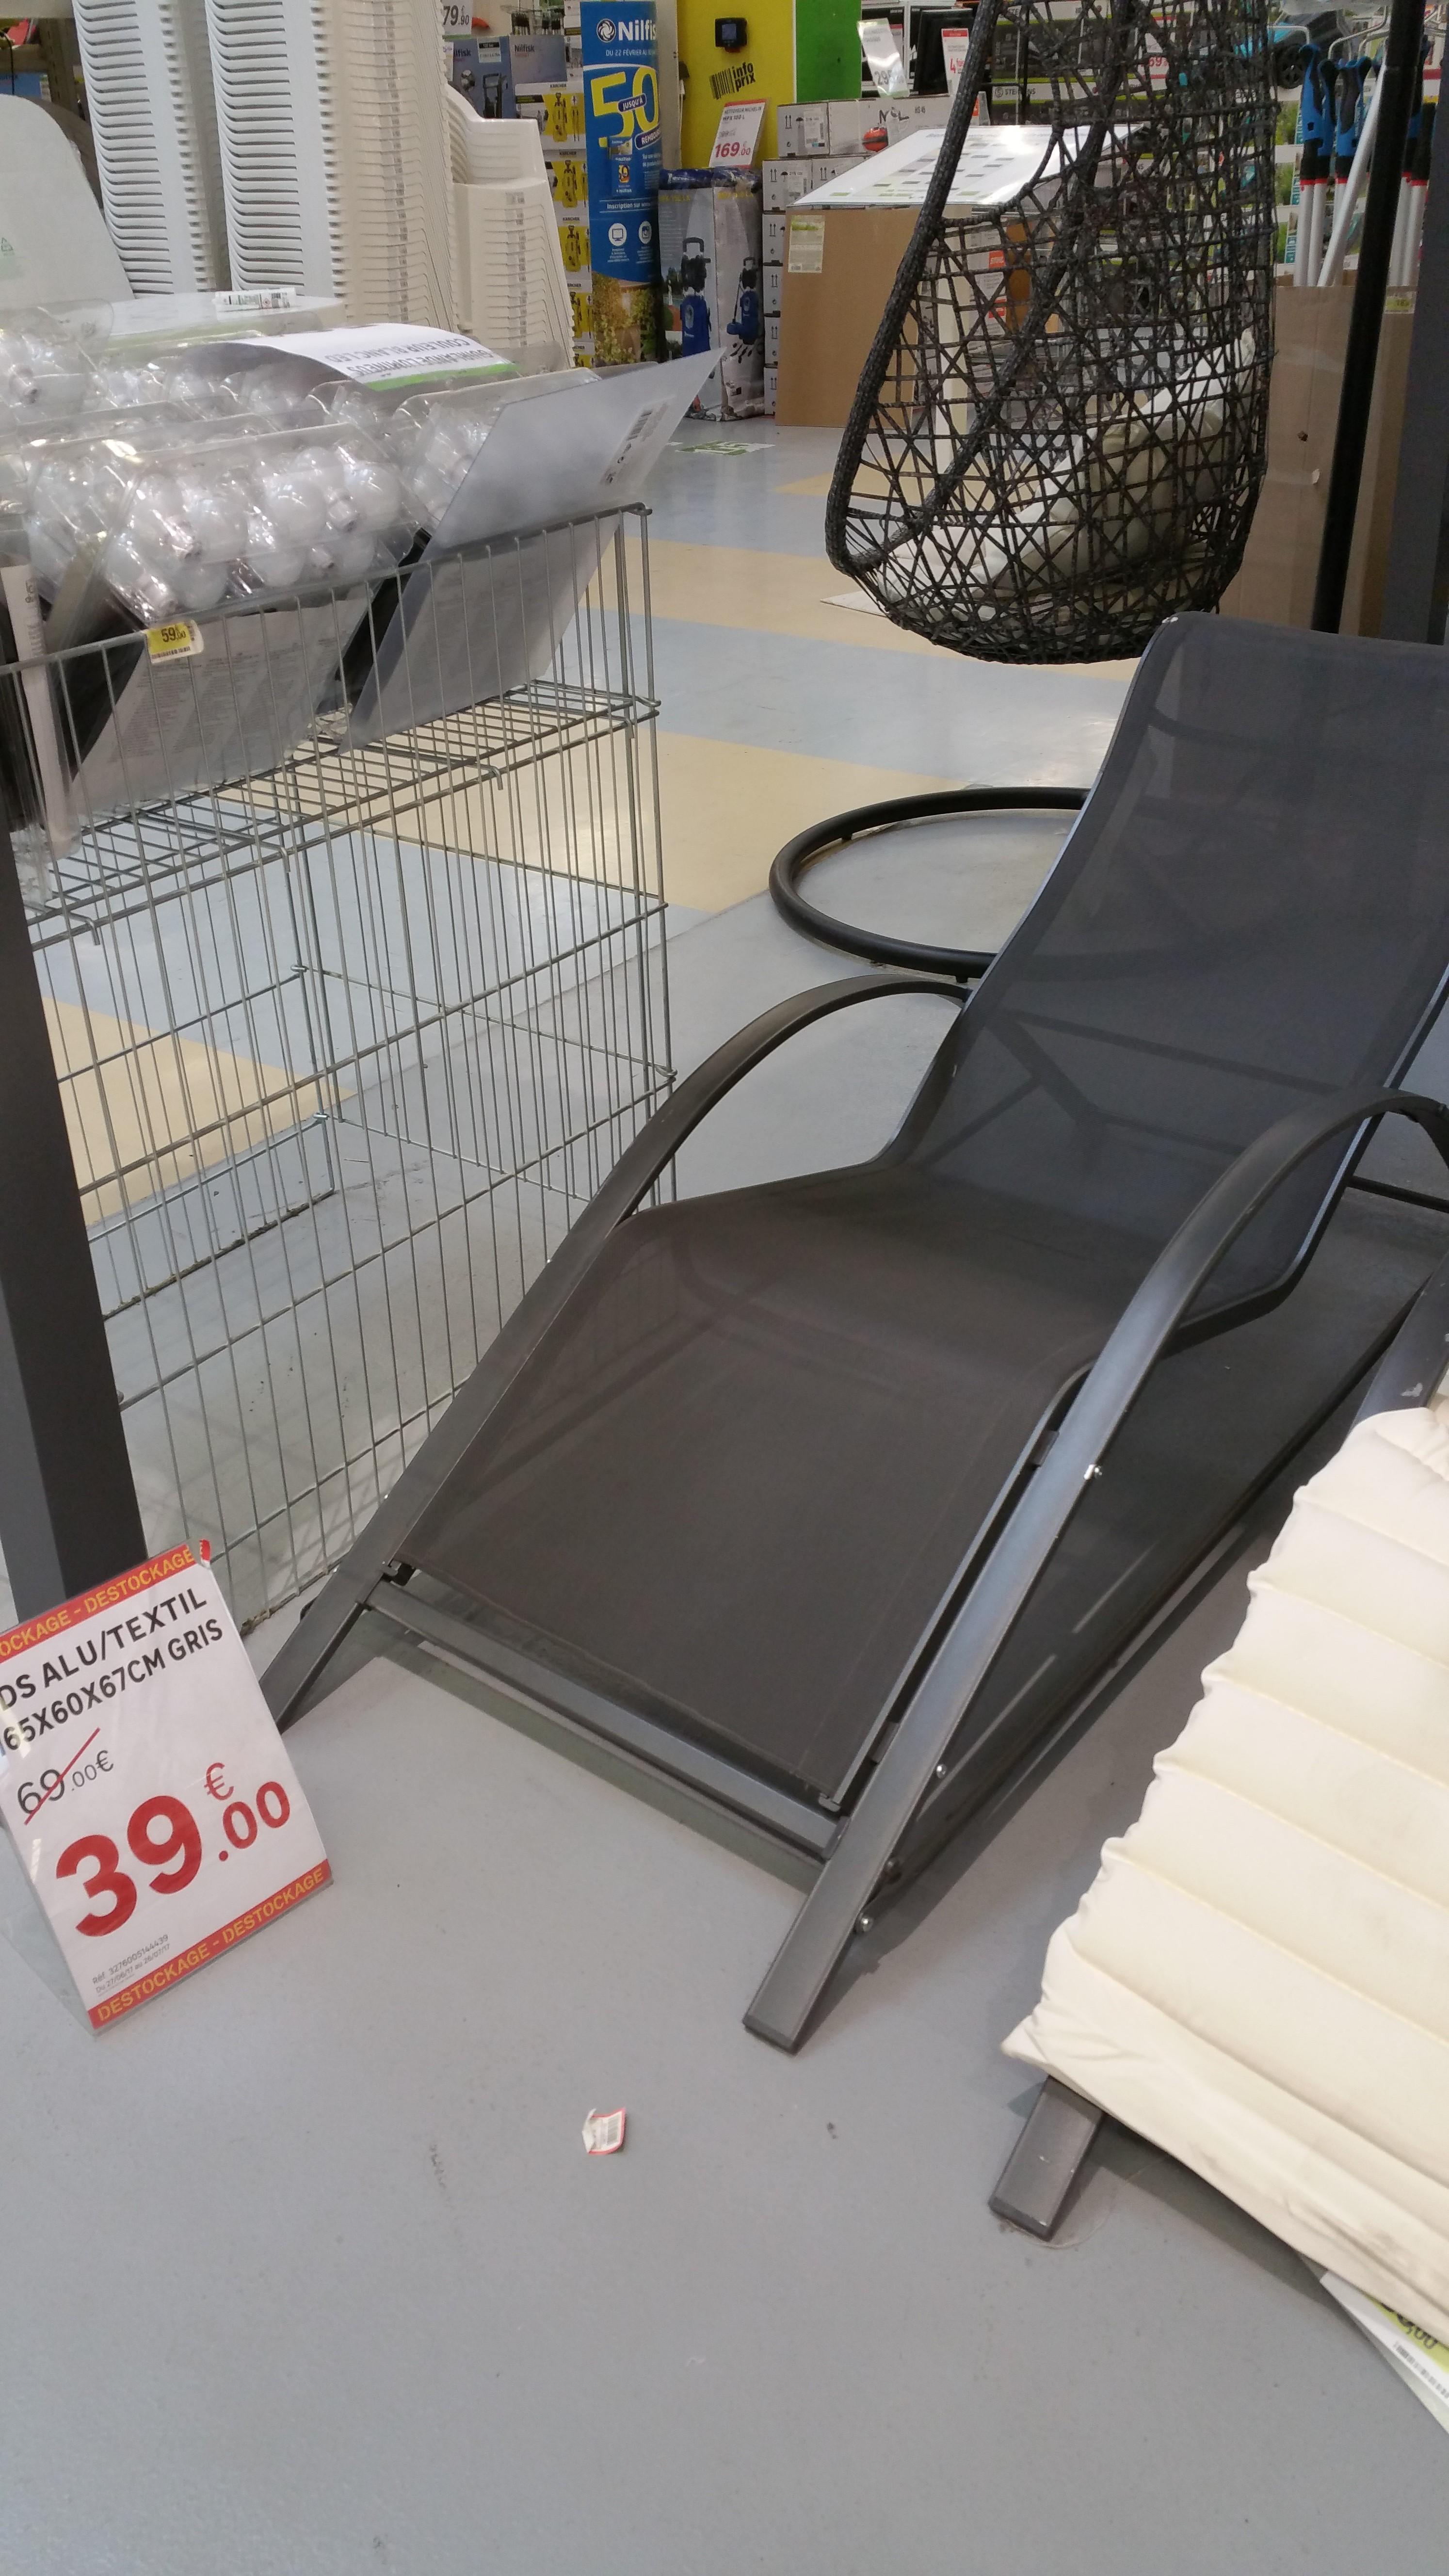 chaise longue en aluminium et textile gris. Black Bedroom Furniture Sets. Home Design Ideas